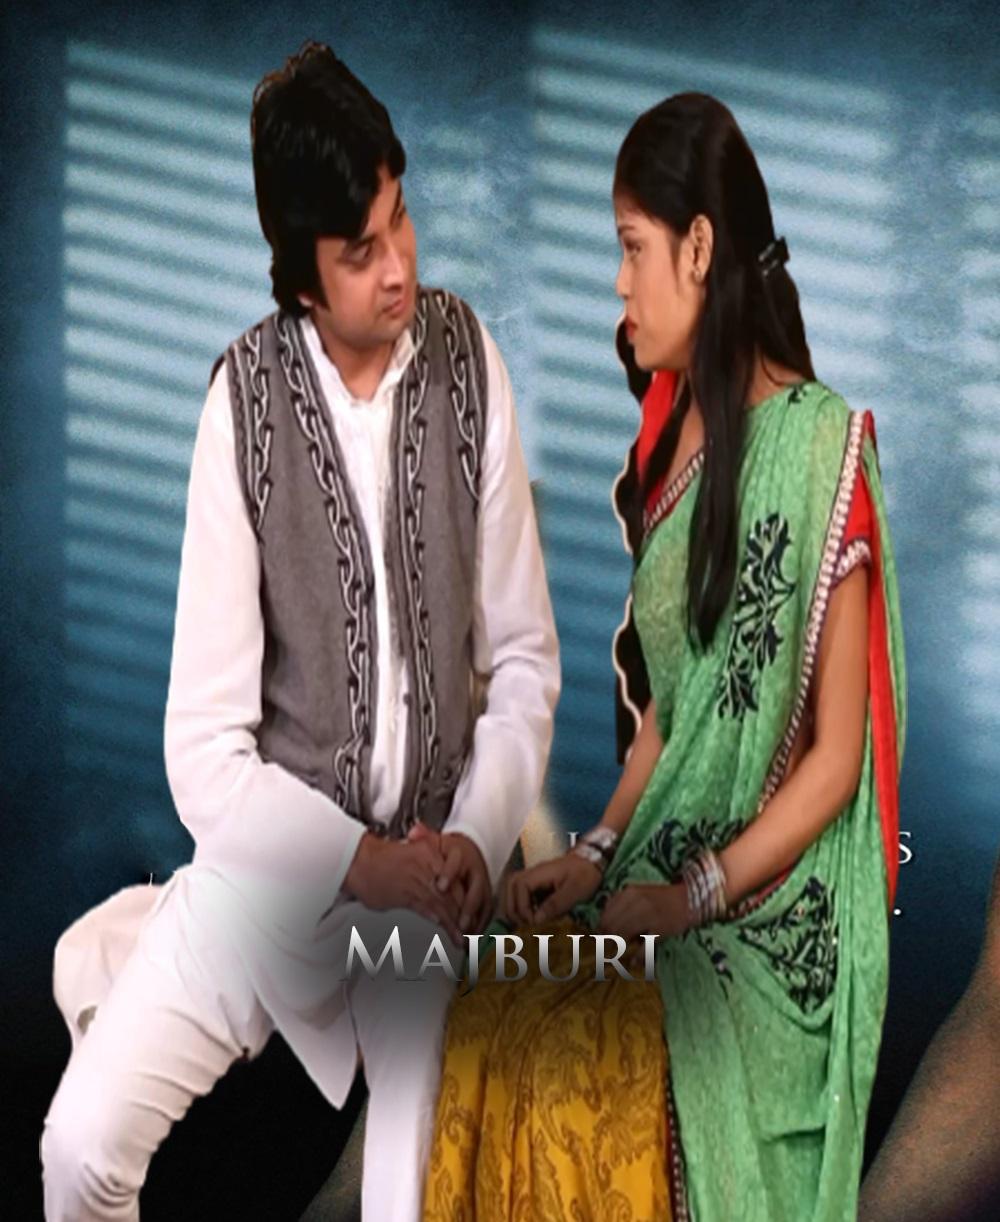 18+ Majburi (2021) Hindi Short Film 720p HDRip 110MB Download